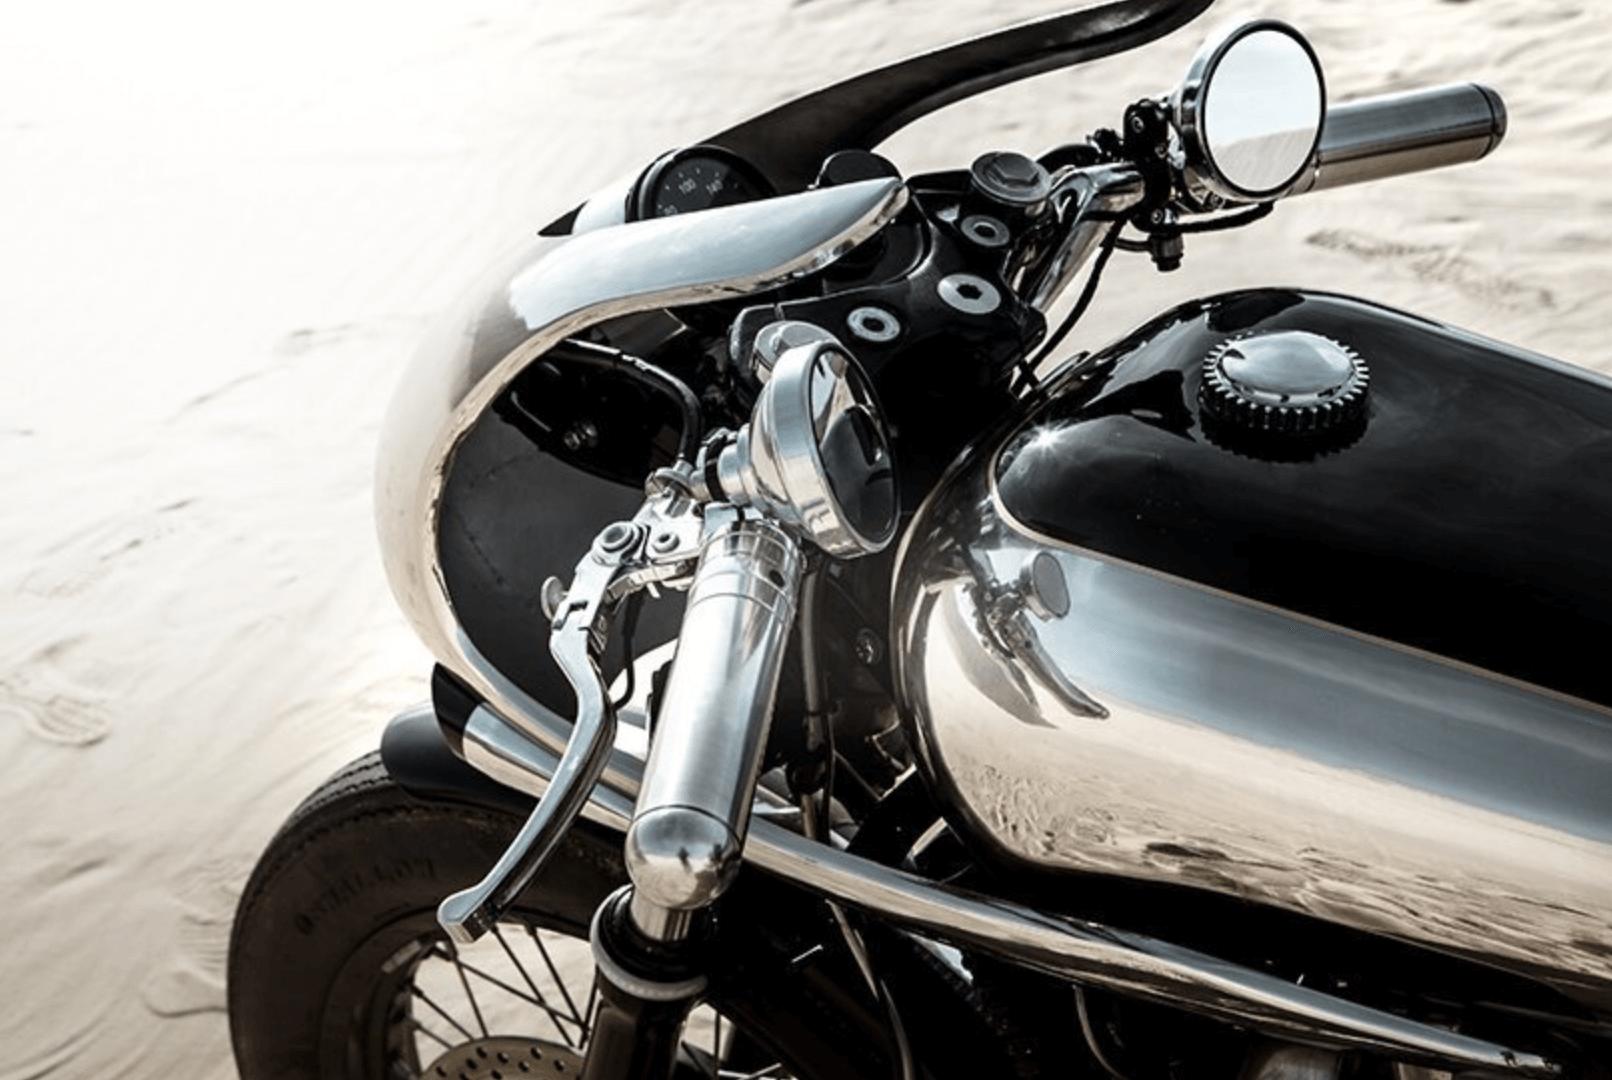 BANDIT9 JAEGER X ROYAL MOTORSİKLET blog haber